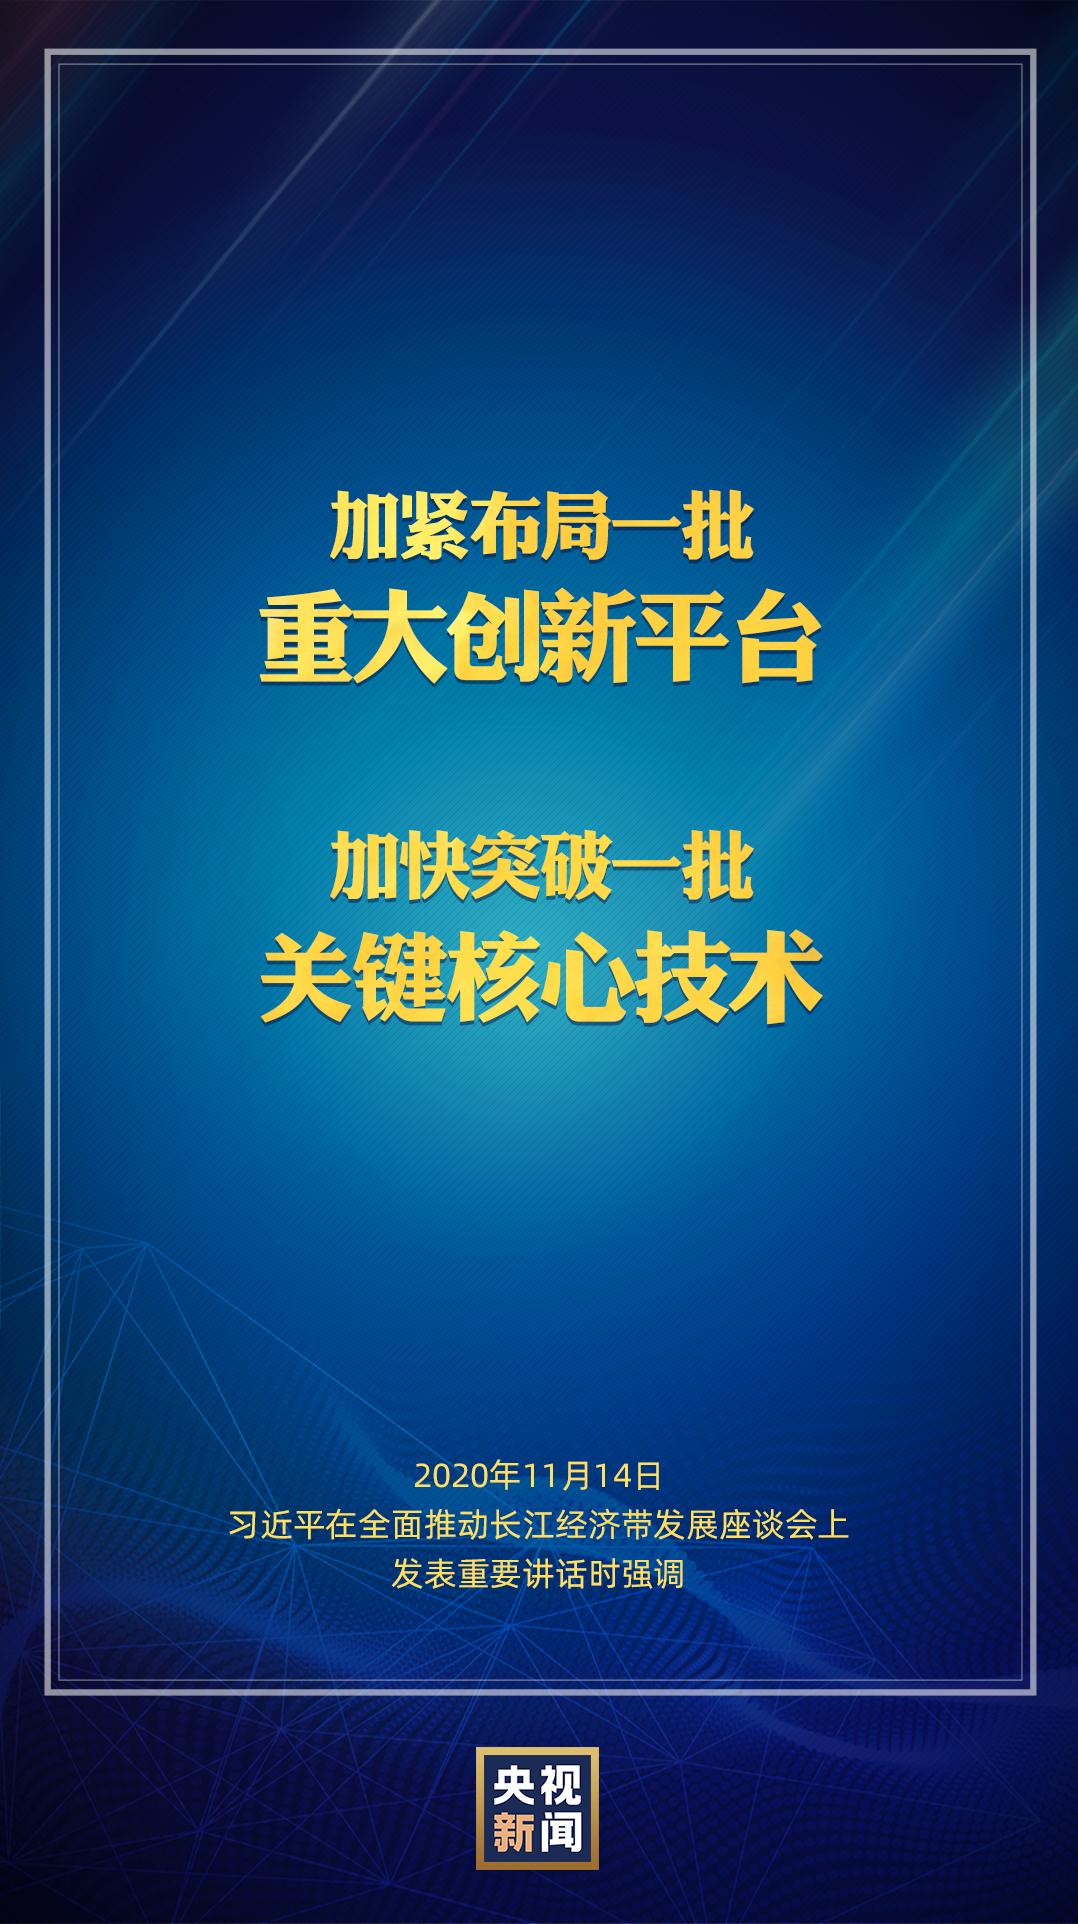 经济总量规模_2015中国年经济总量